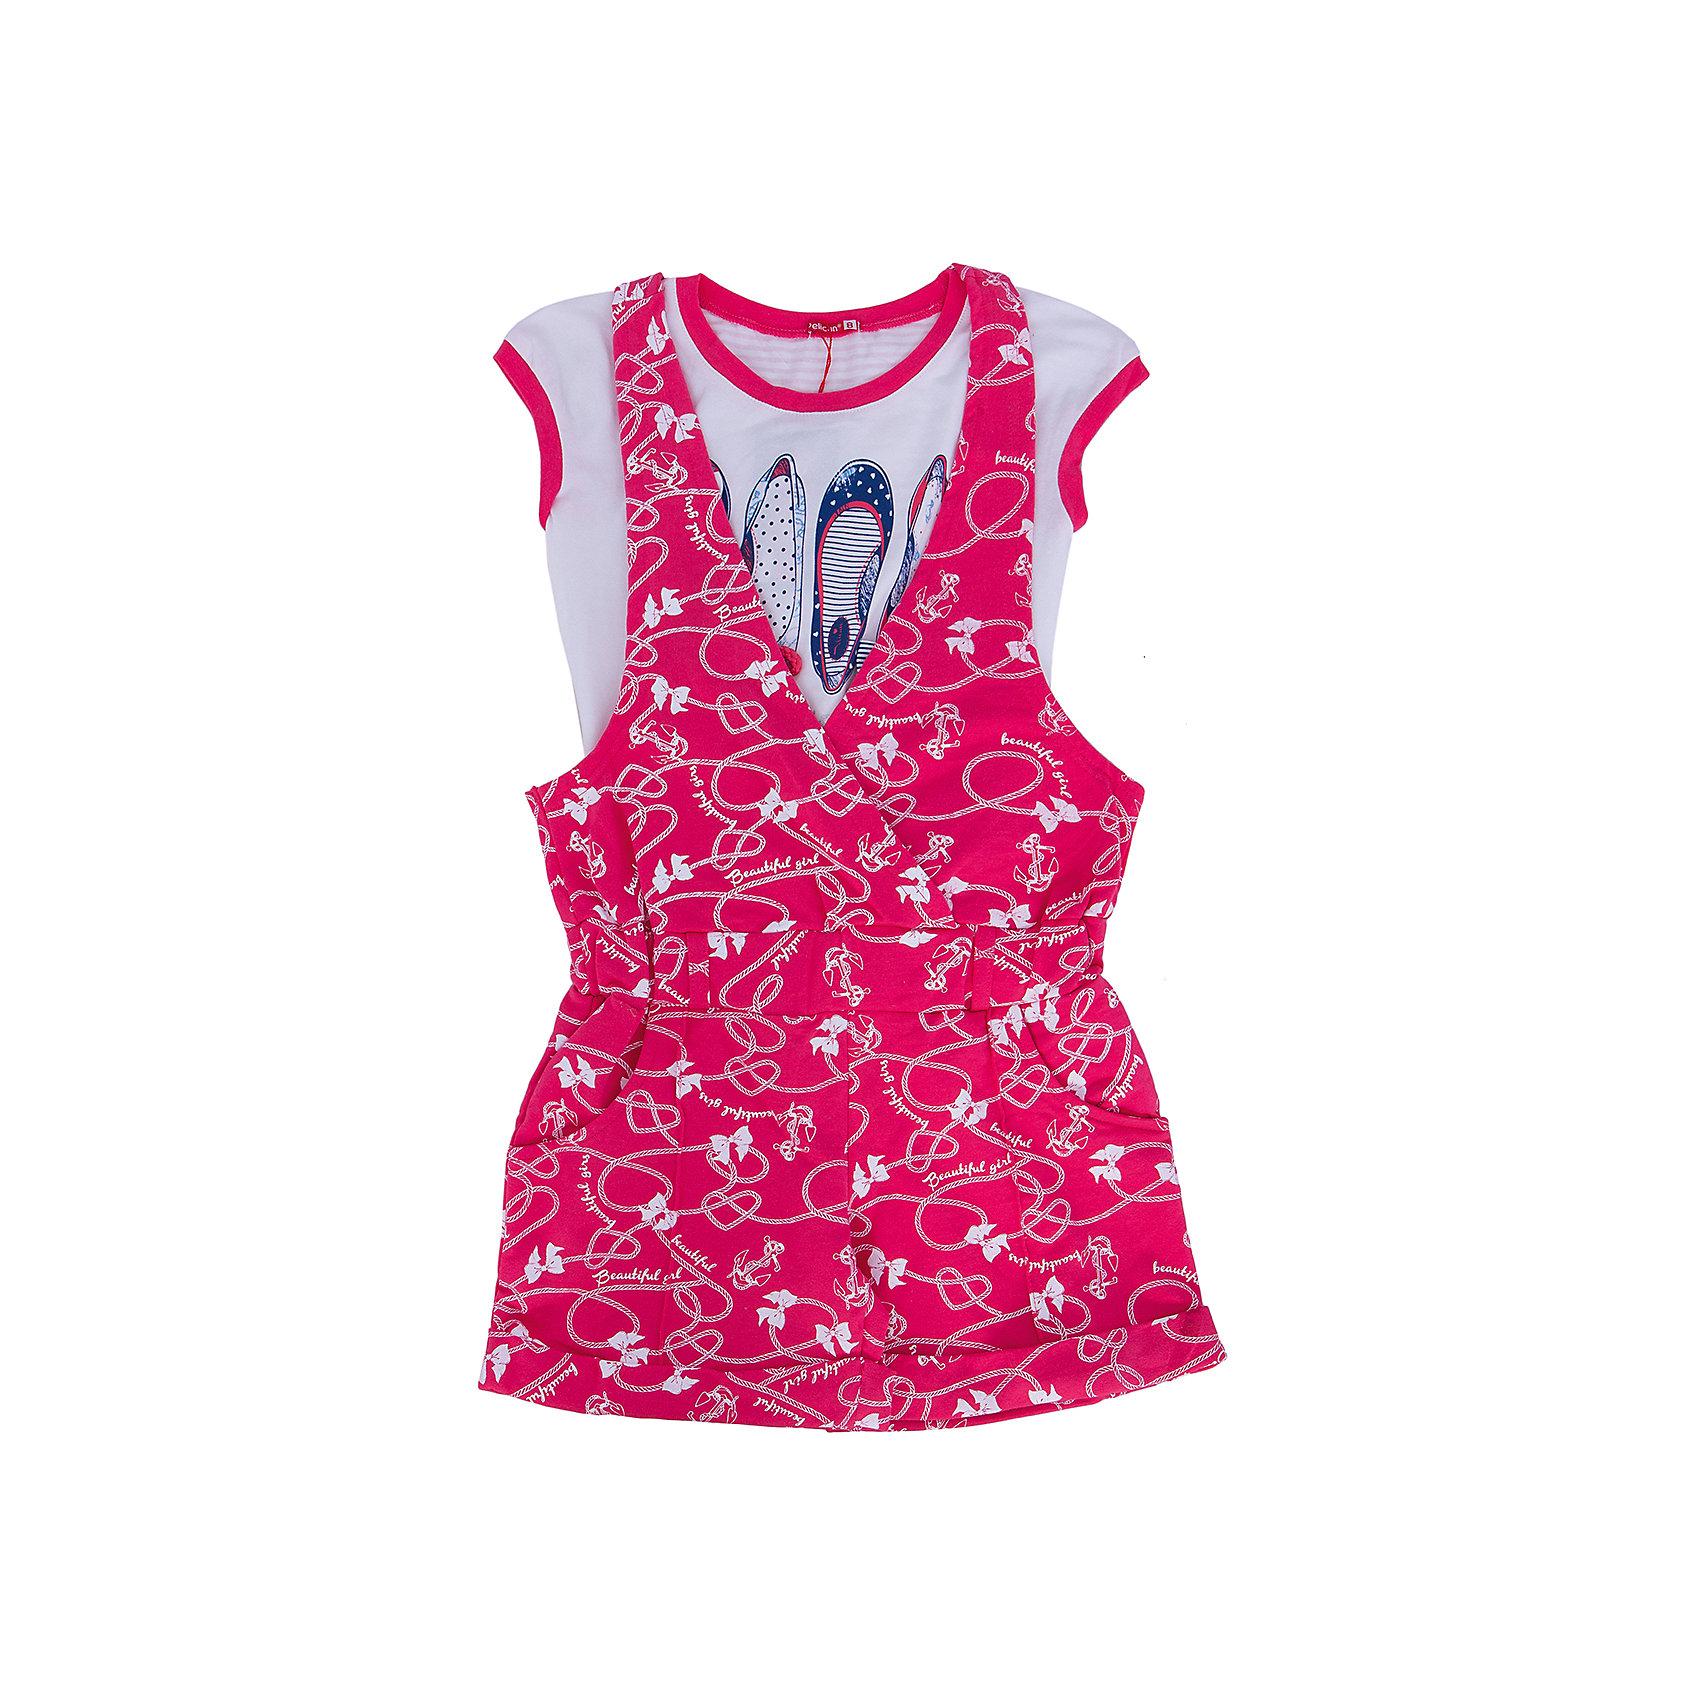 Комплект для девочки PELICANКомплекты<br>Очень модный комплект для девочки состоит из футболки и полукомбинезона. Удобные вещи помогут разнообразить гардероб ребенка, создать подходящий погоде ансамбль. Удобный крой и качественный материал обеспечат ребенку комфорт при ношении этих вещей. <br>Полукомбинезон очень стильно смотрятся благодаря актуальному в этот сезоне дизайну. Футболка - с модным принтом и короткими рукавами. Материал - легкий, отлично подходит для лета, состоит преимущественно из дышащего натурального хлопка. Очень приятен на ощупь, не вызывает аллергии.<br><br>Дополнительная информация:<br><br>материал: футболка - 93% хлопок, 7% эластан, полукомбинезон - 100% хлопок;<br>цвет: розовый;<br>футболка - с принтом;<br>рукава короткие;<br>на полукомбинезоне - шлевки и карманы.<br><br>Комплект для девочки от бренда PELICAN (Пеликан) можно купить в нашем магазине.<br><br>Ширина мм: 215<br>Глубина мм: 88<br>Высота мм: 191<br>Вес г: 336<br>Цвет: розовый<br>Возраст от месяцев: 84<br>Возраст до месяцев: 96<br>Пол: Женский<br>Возраст: Детский<br>Размер: 128,122<br>SKU: 4804919